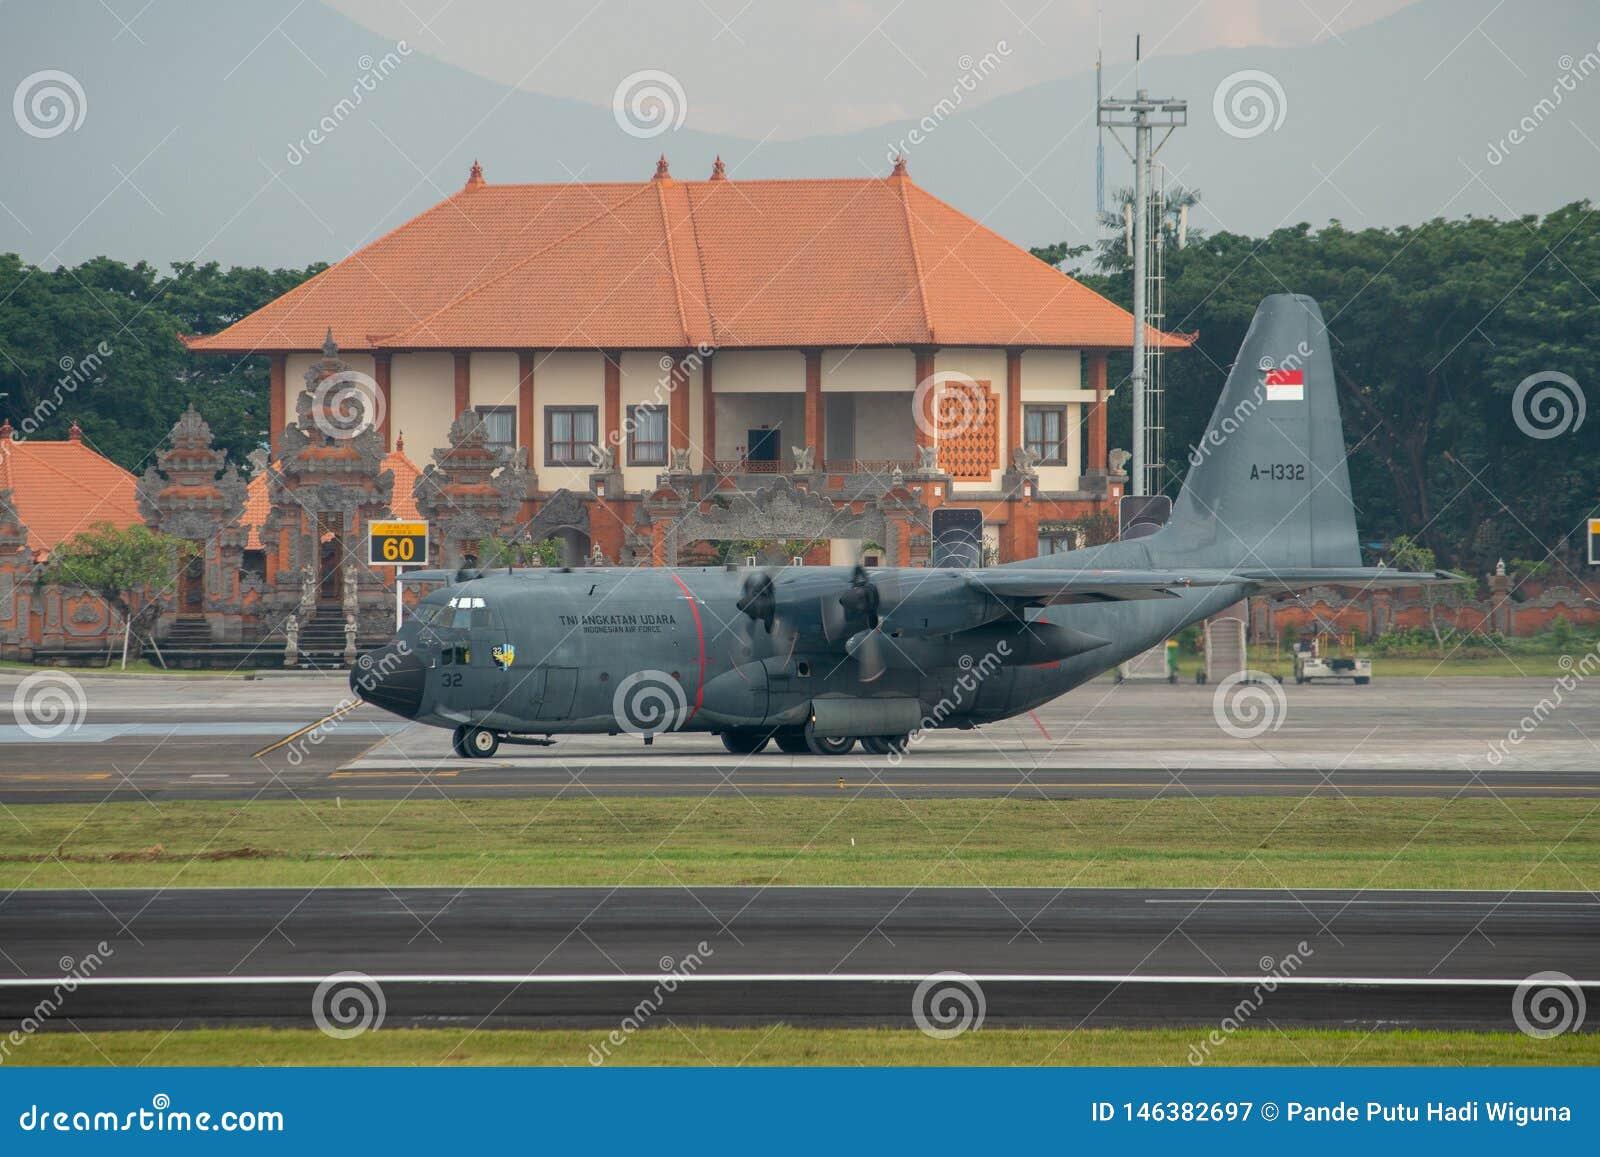 DENPASAR/BALI-, 16. APRIL 2019: Militärflugzeuge der indonesischen Luftwaffe bereiten vor sich sich zu entfernen